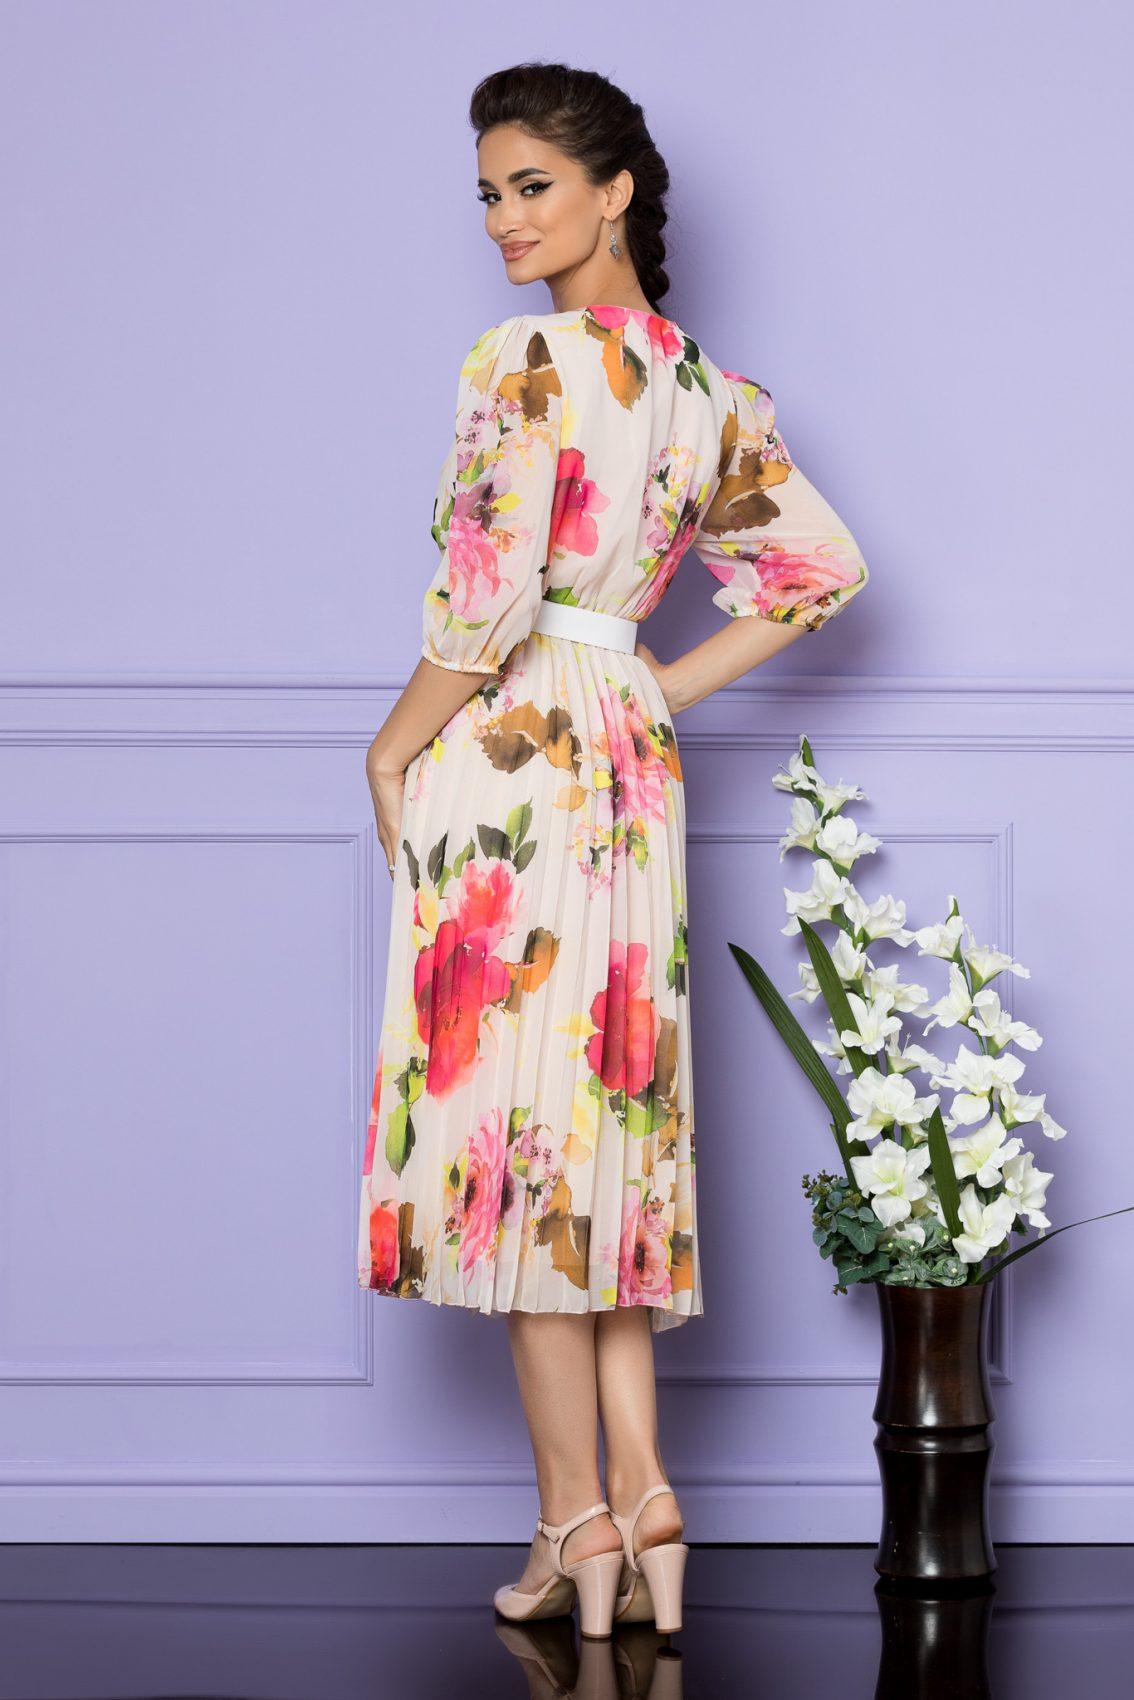 Ροζ Φλοράλ Μίντι Κοντομάνικο Φόρεμα Cryna A734 2